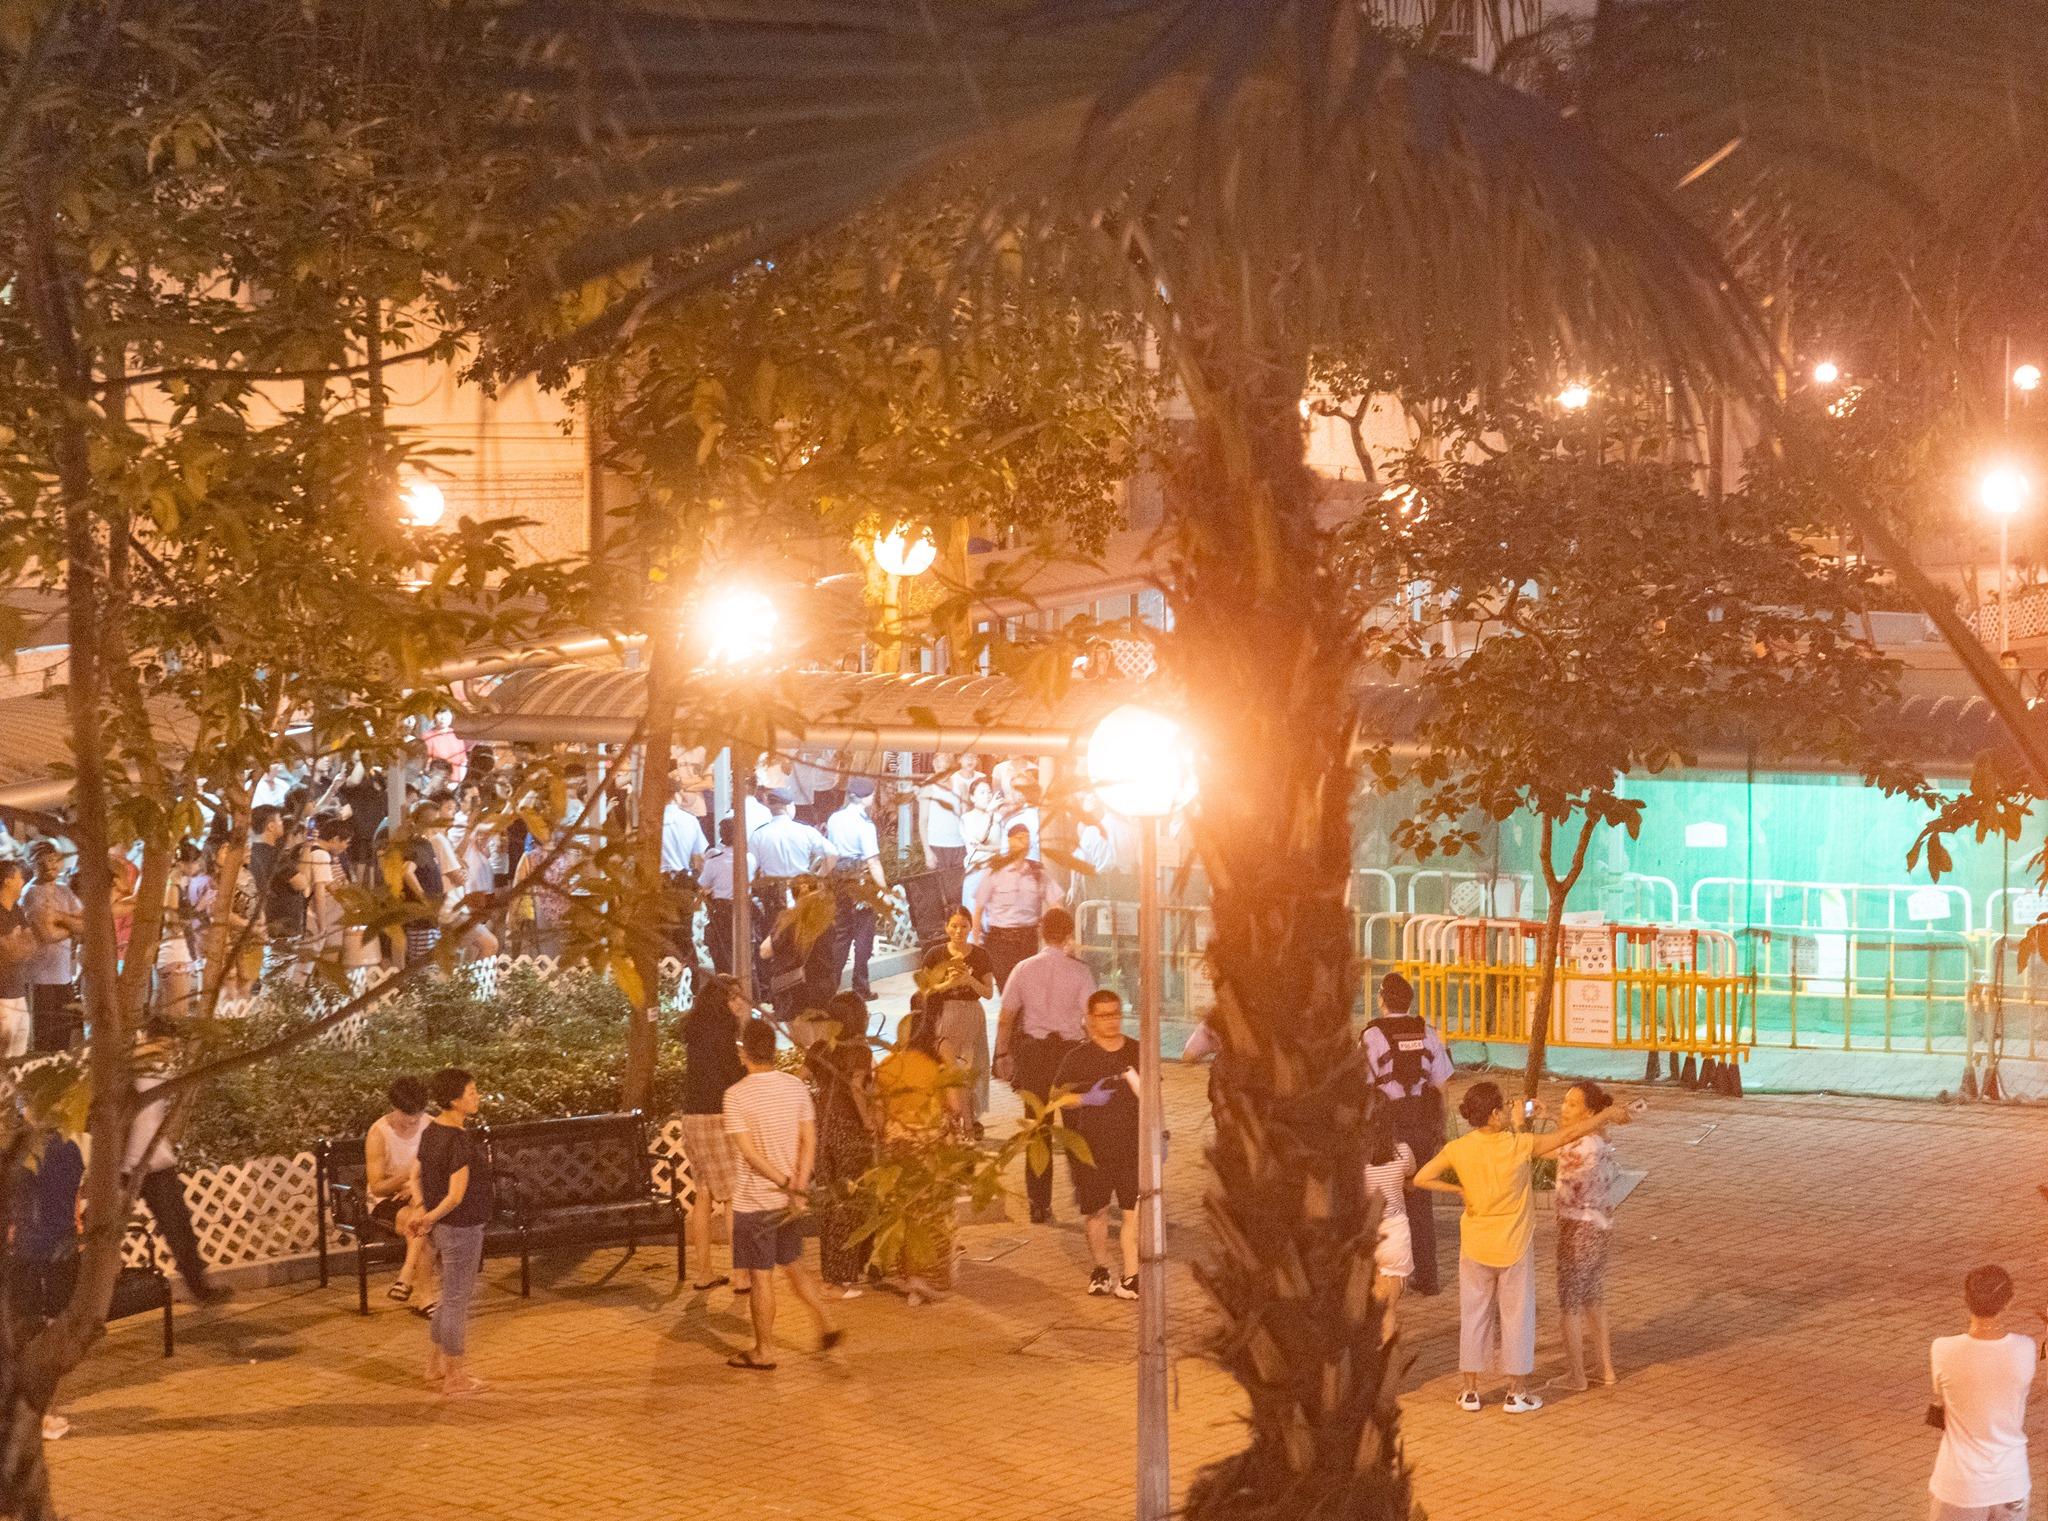 一批人在海麗邨叫口號引發爭執。香港突發事故報料區Clover Wong圖片